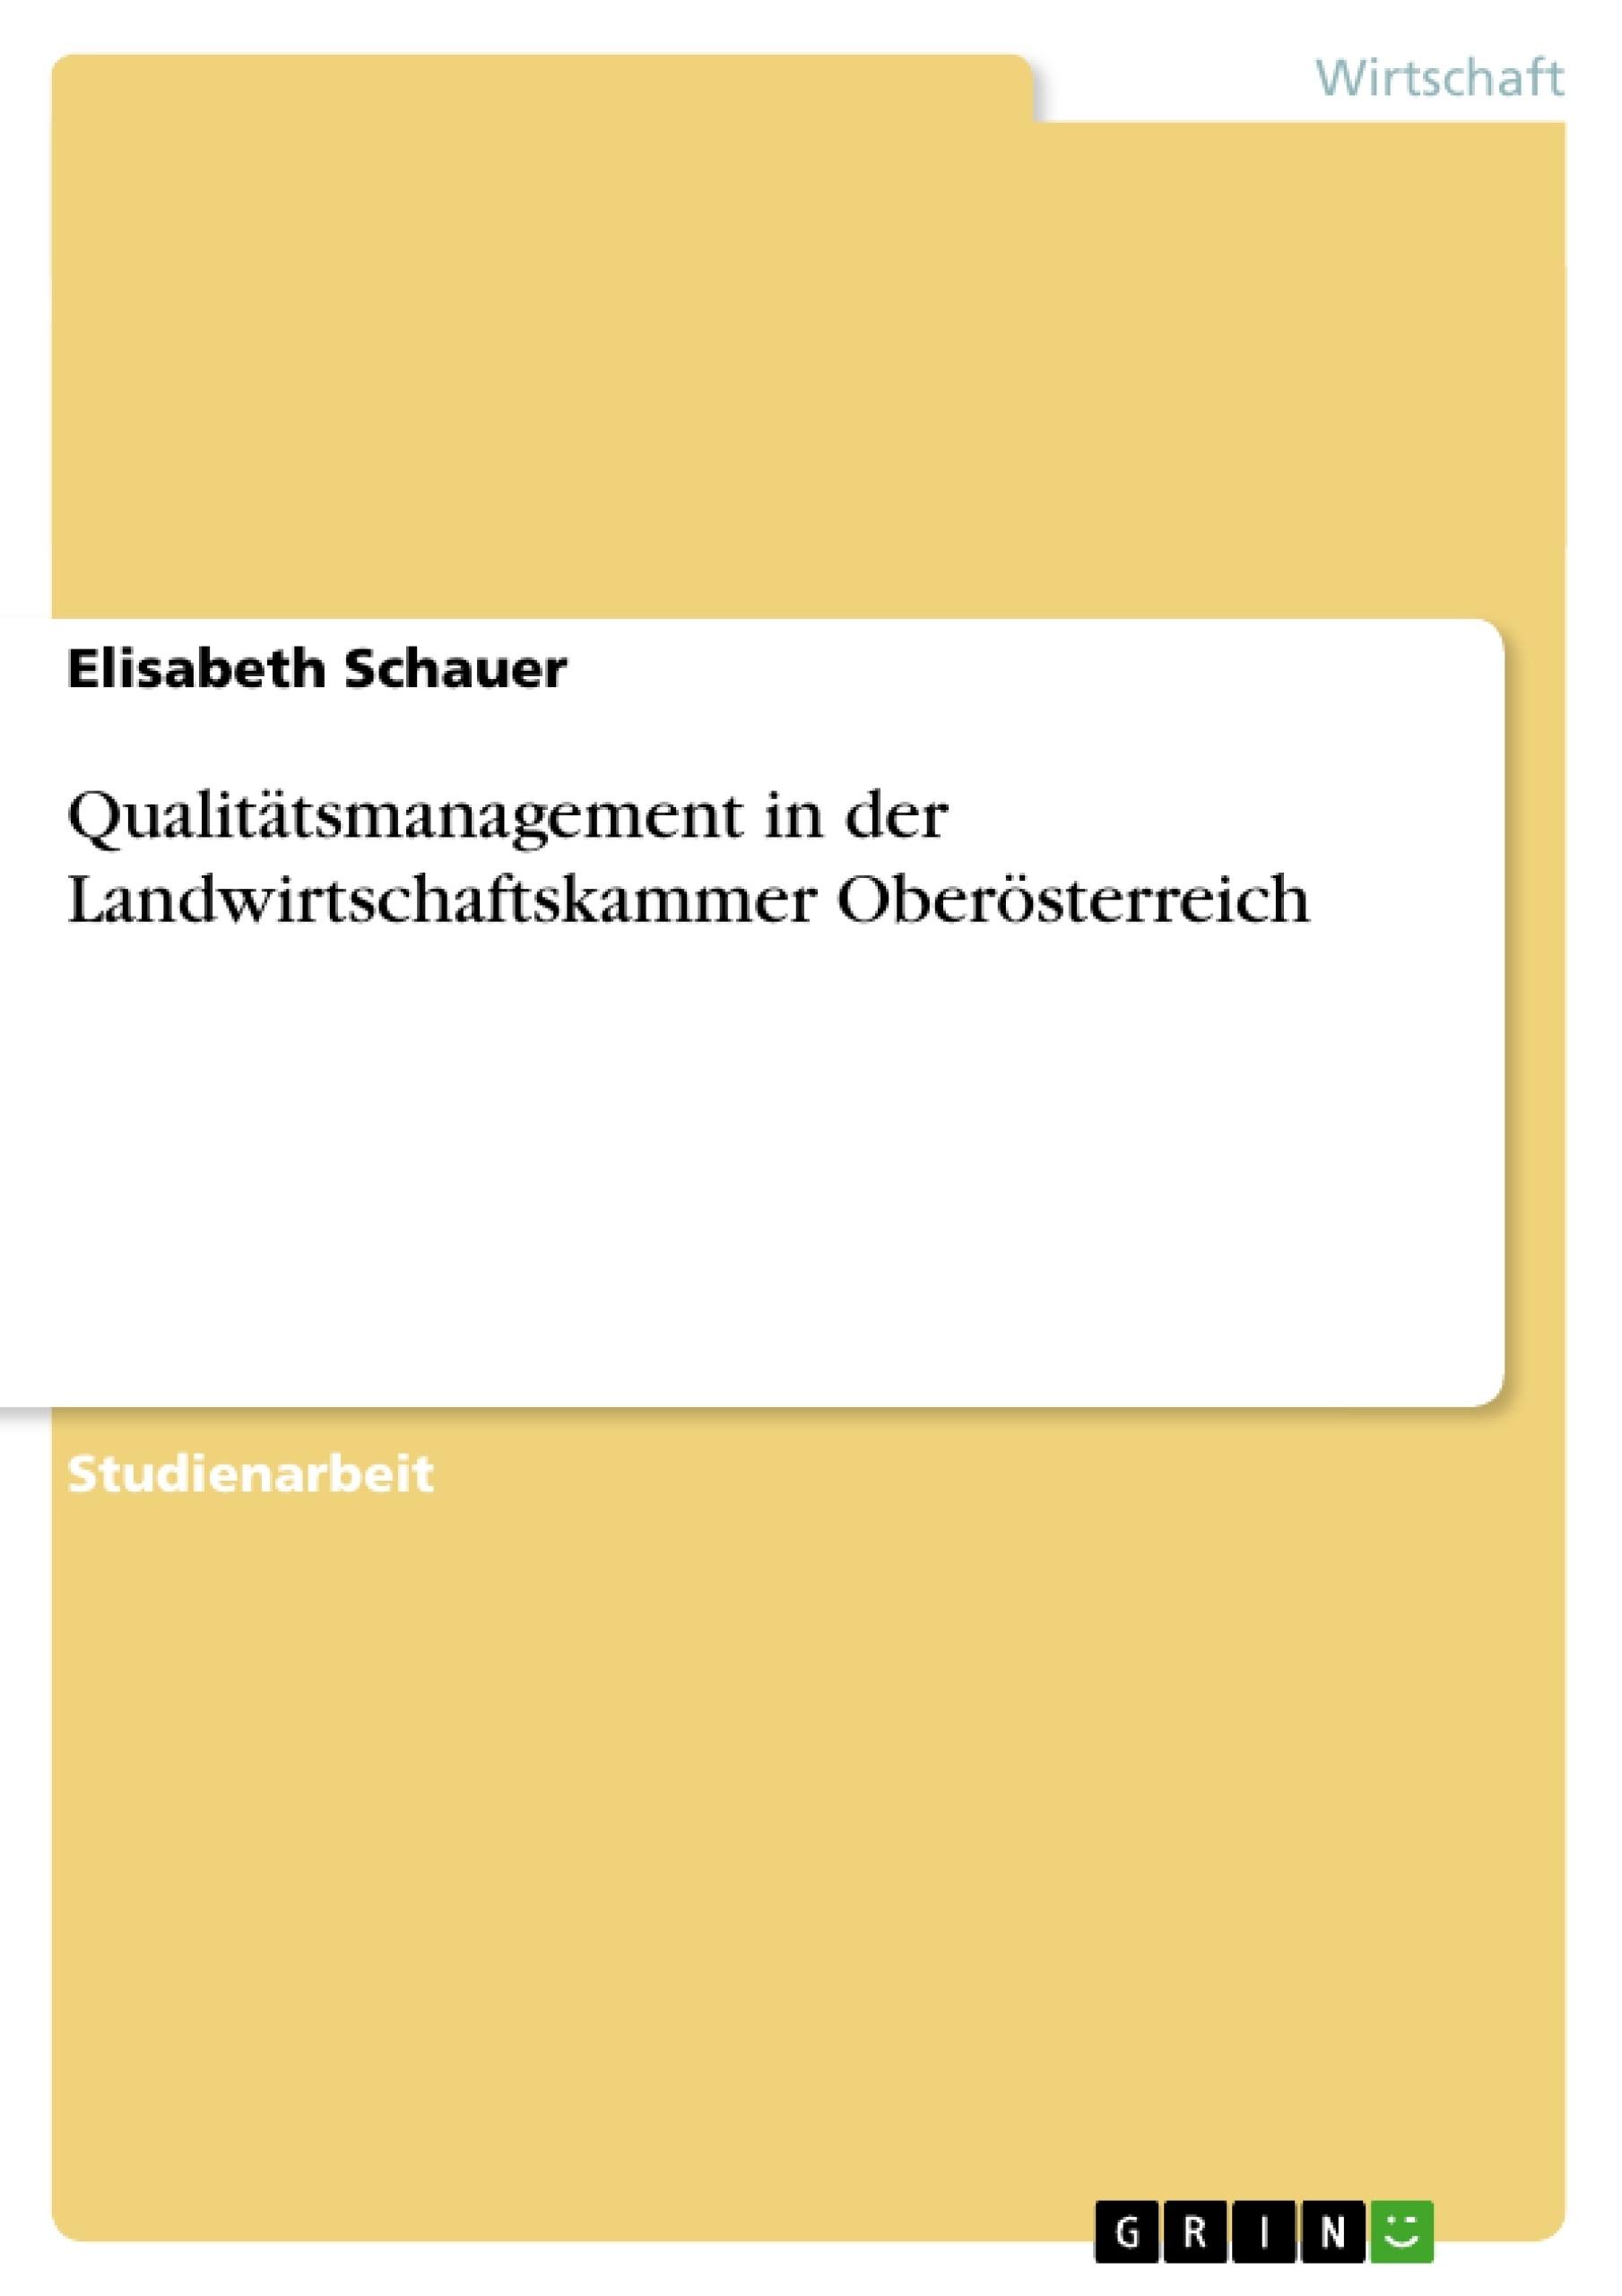 Titel: Qualitätsmanagement in der Landwirtschaftskammer Oberösterreich